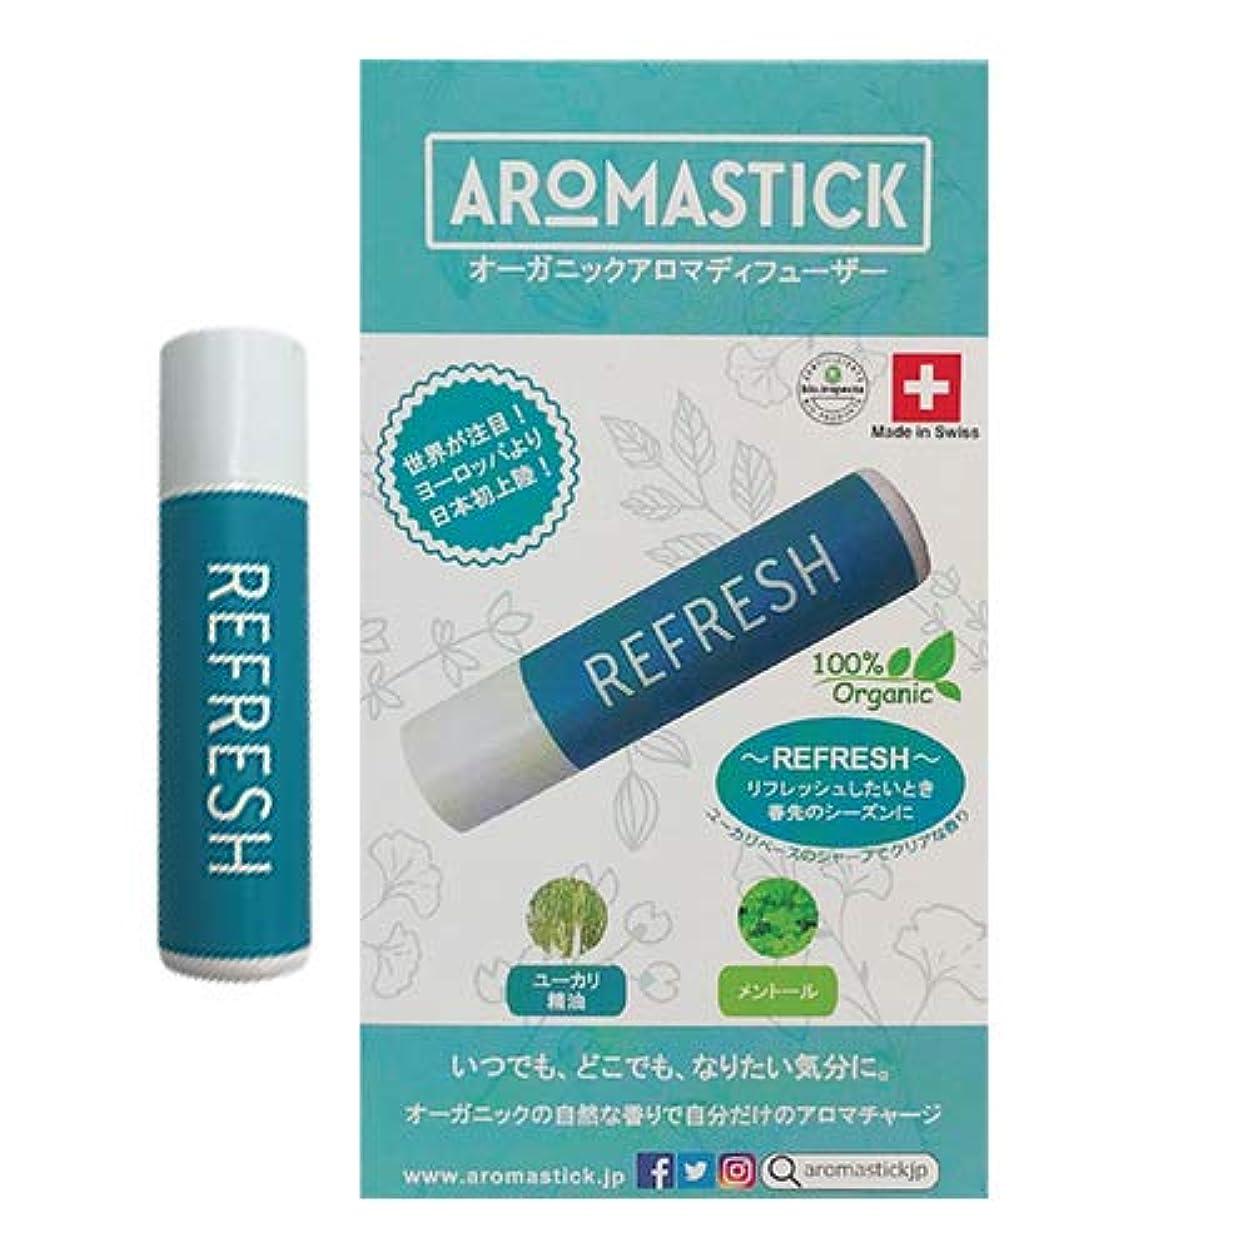 省略ハーネス女性オーガニックアロマディフューザー アロマスティック(aromastick) リフレッシュ [REFRESH]